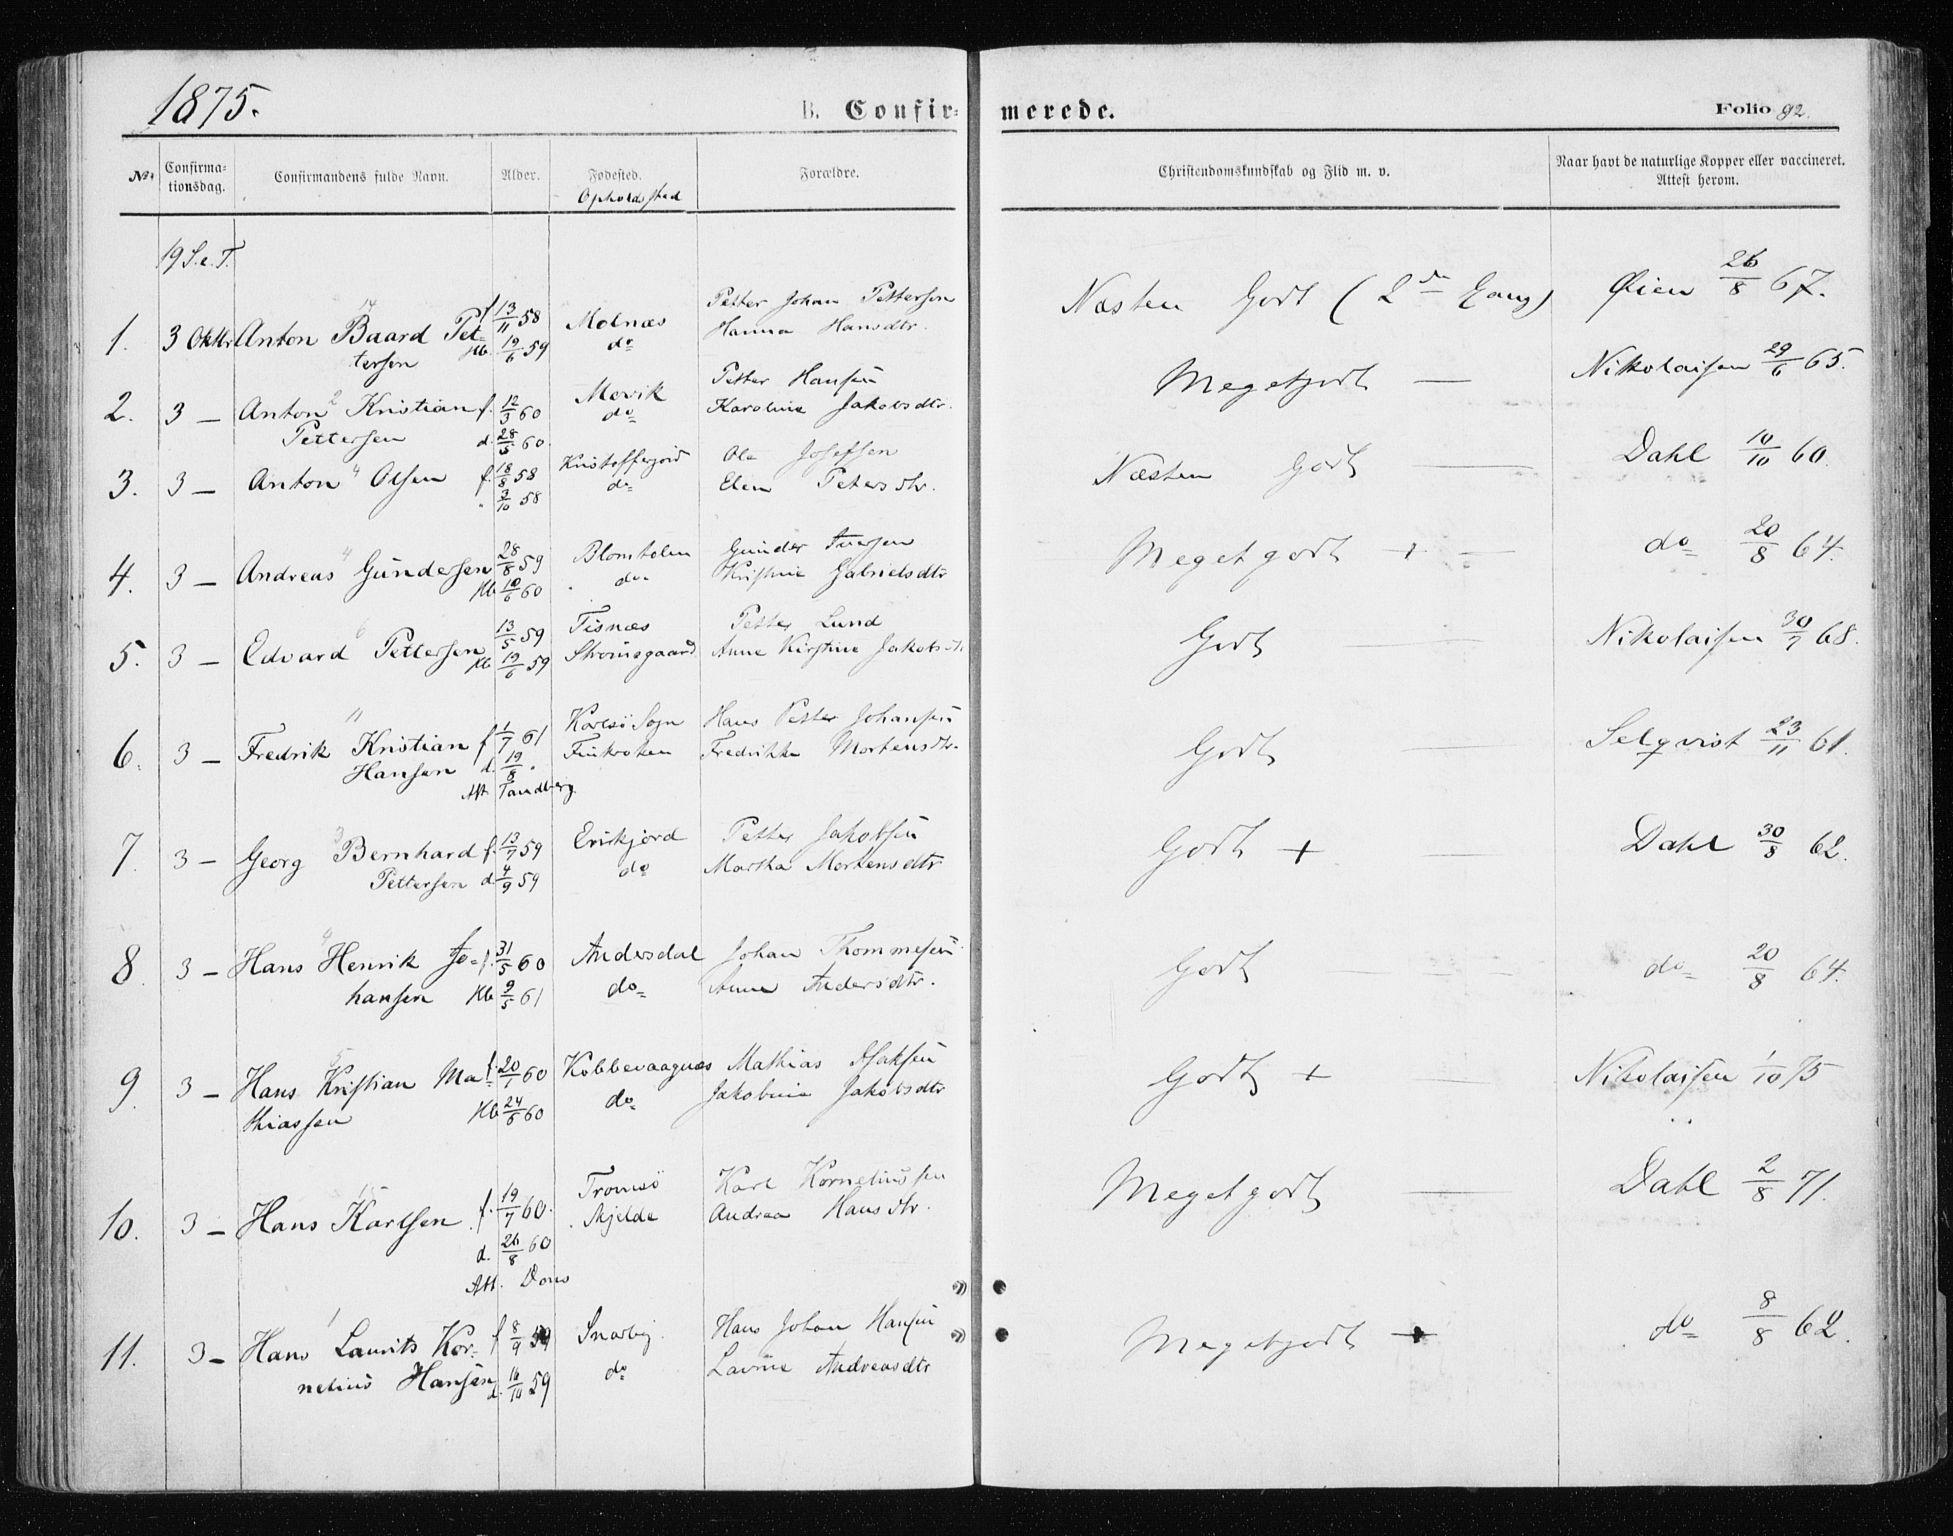 SATØ, Tromsøysund sokneprestkontor, G/Ga/L0003kirke: Ministerialbok nr. 3, 1875-1880, s. 92